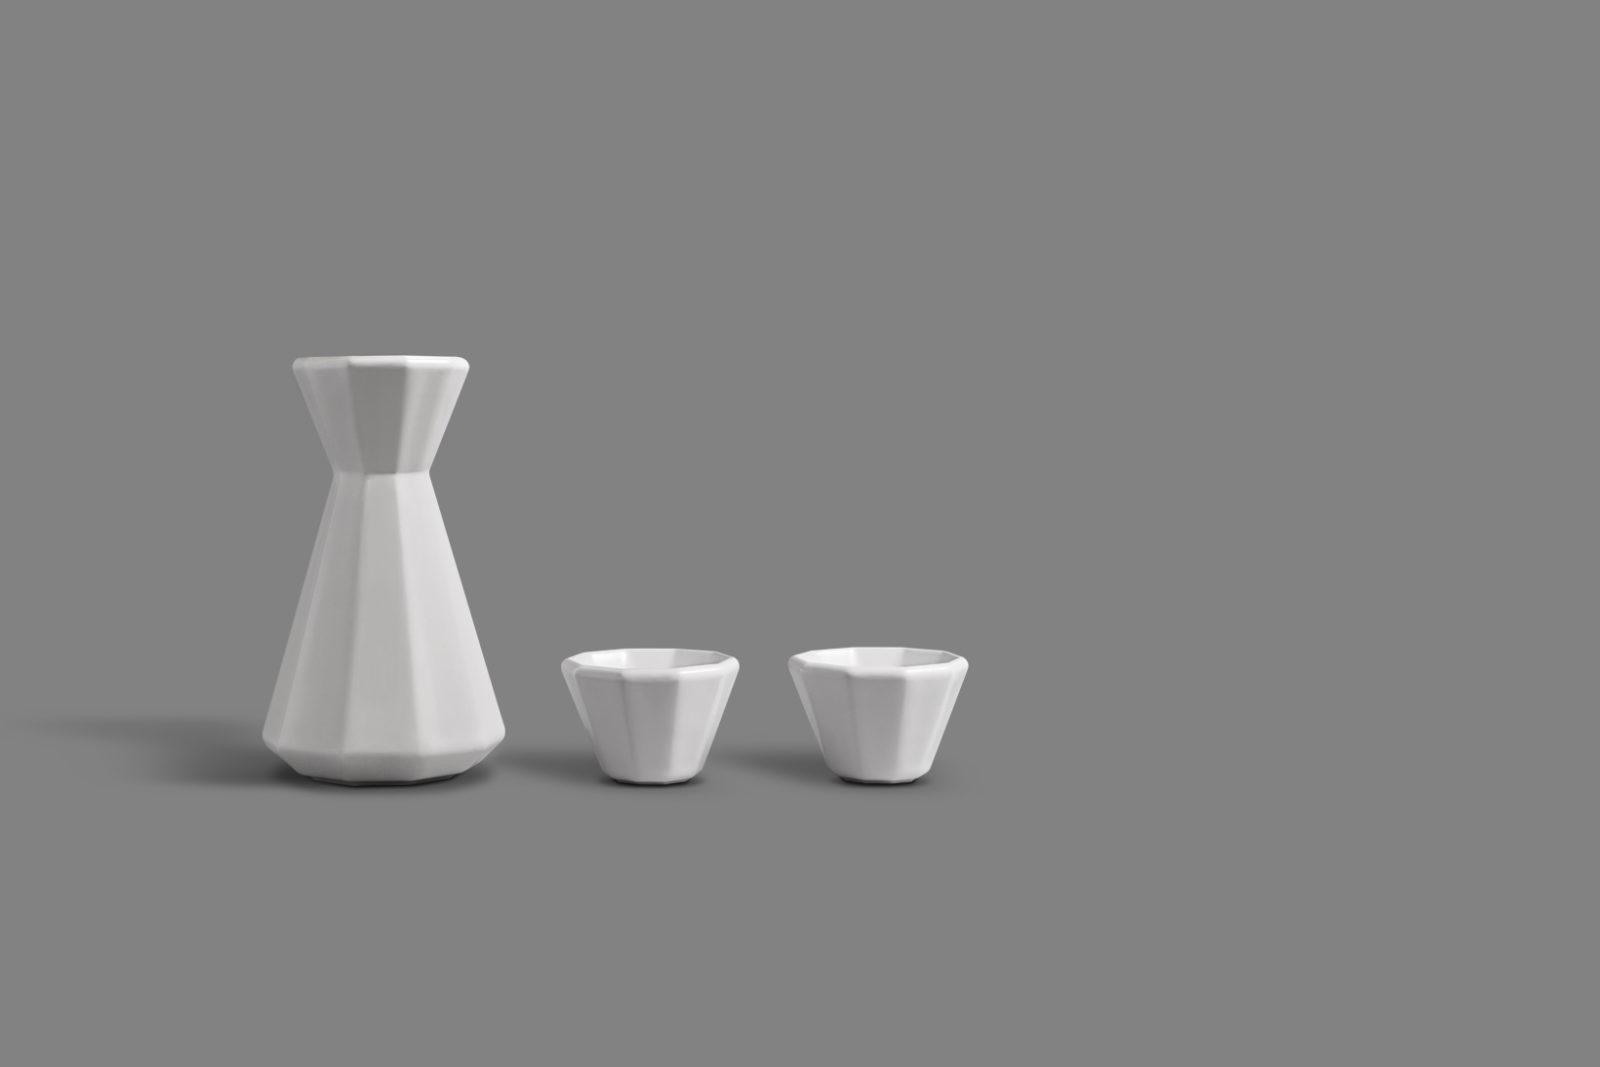 Lilium Carafe & Cup Set designed for OTHR